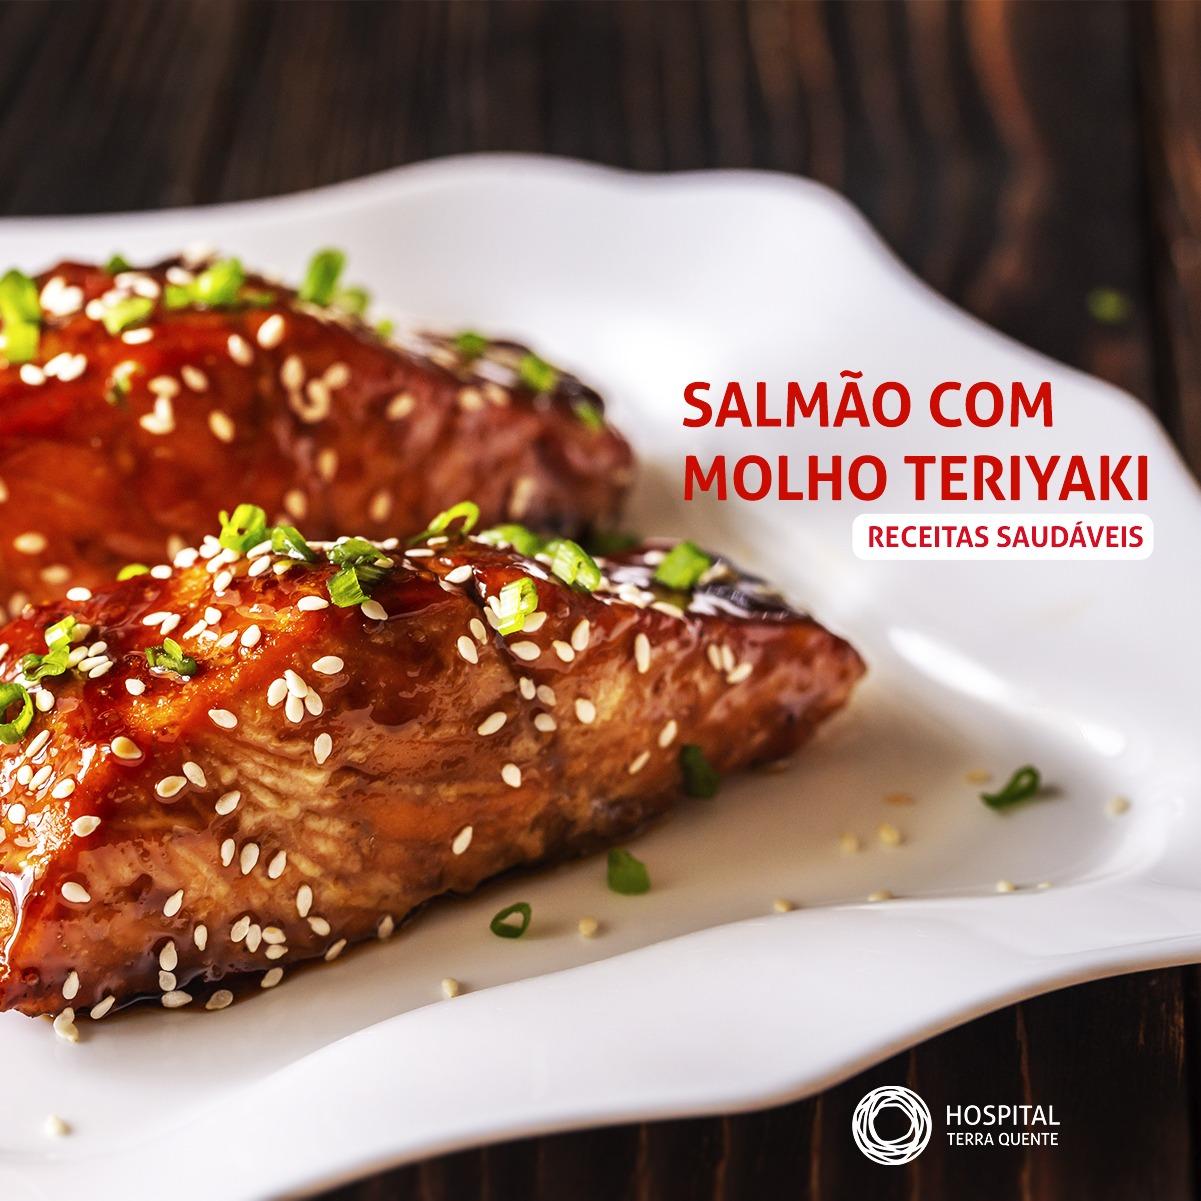 SALMÃO COM MOLHO TERIYAKI